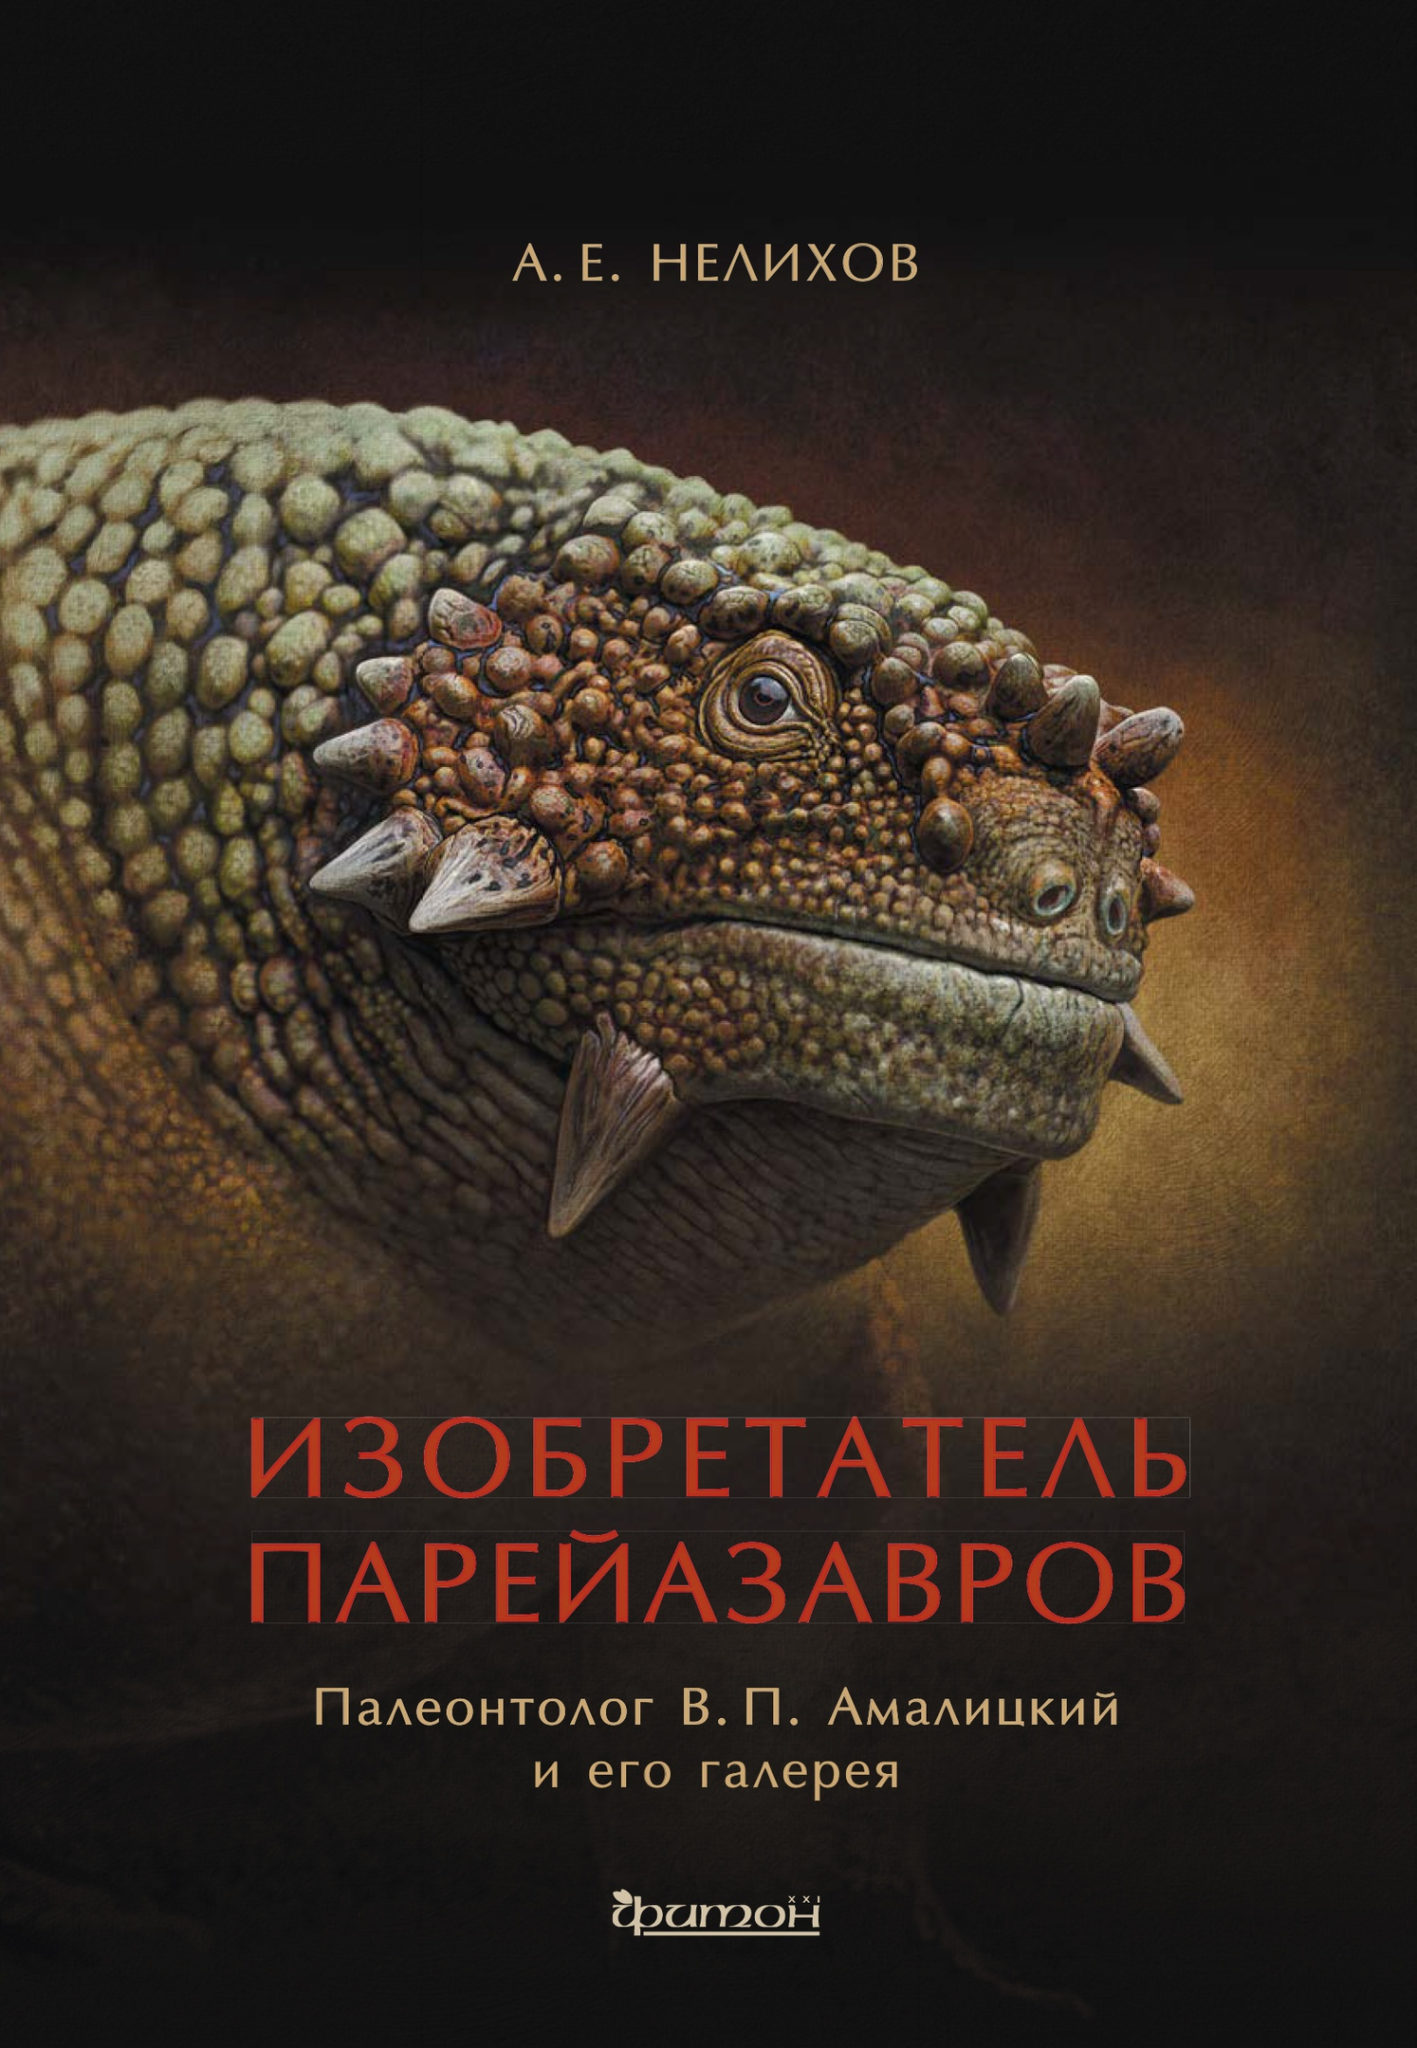 Нелихов А. Е. Изобретатель парейазавров: Палеонтолог В. П. Амалицкий и его галерея. М.: Фитон XXI, 2020